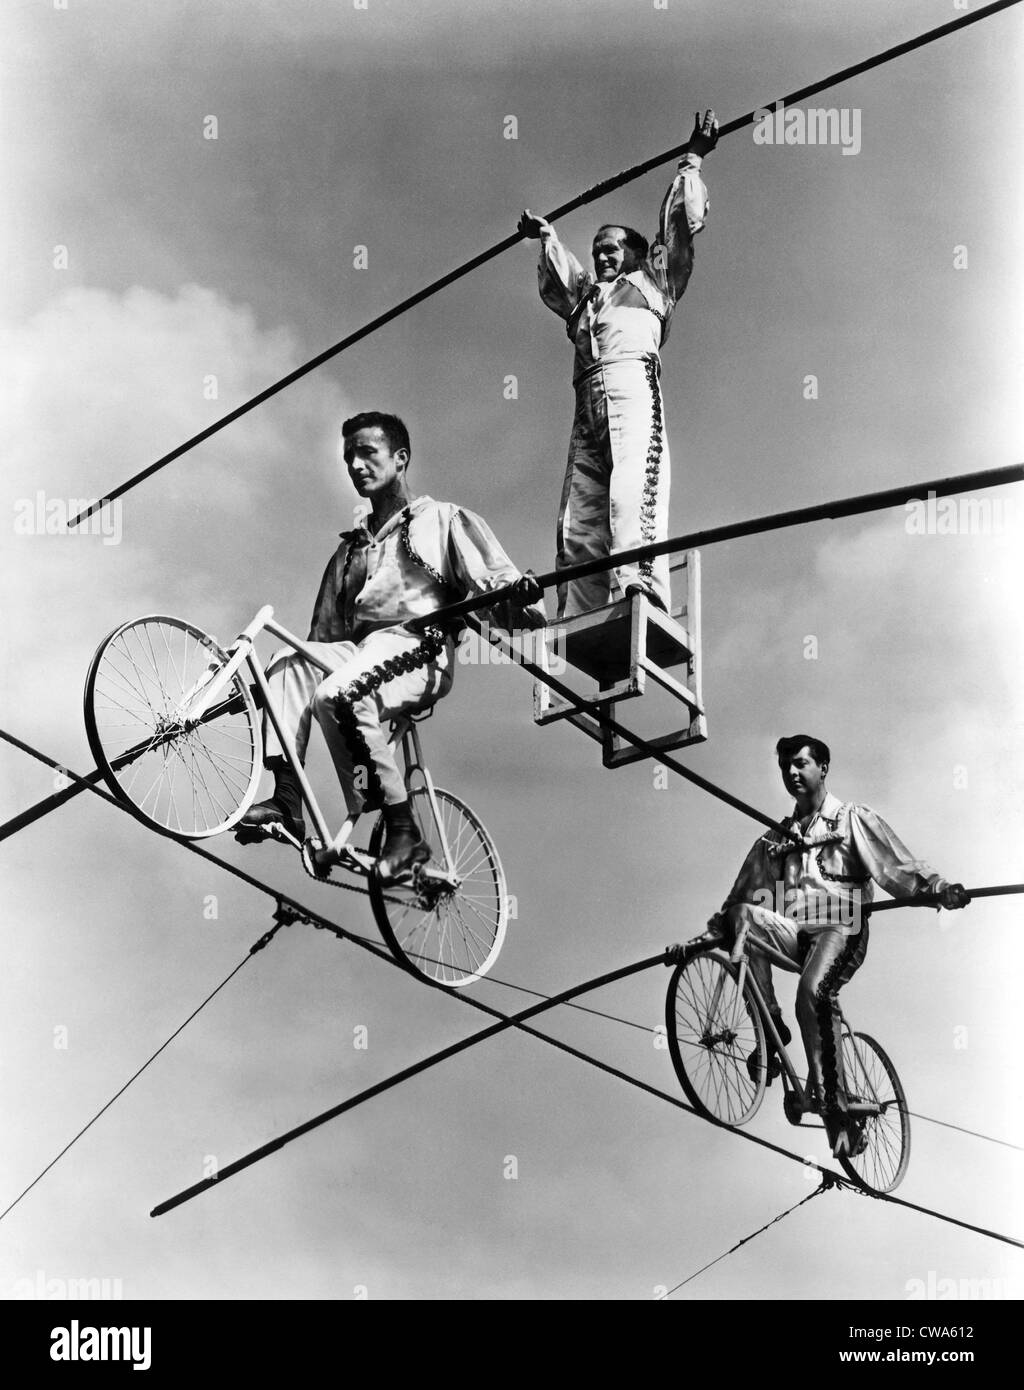 Il Flying Wallendas, 1967.. La cortesia: CSU Archivi / Everett Collection Immagini Stock